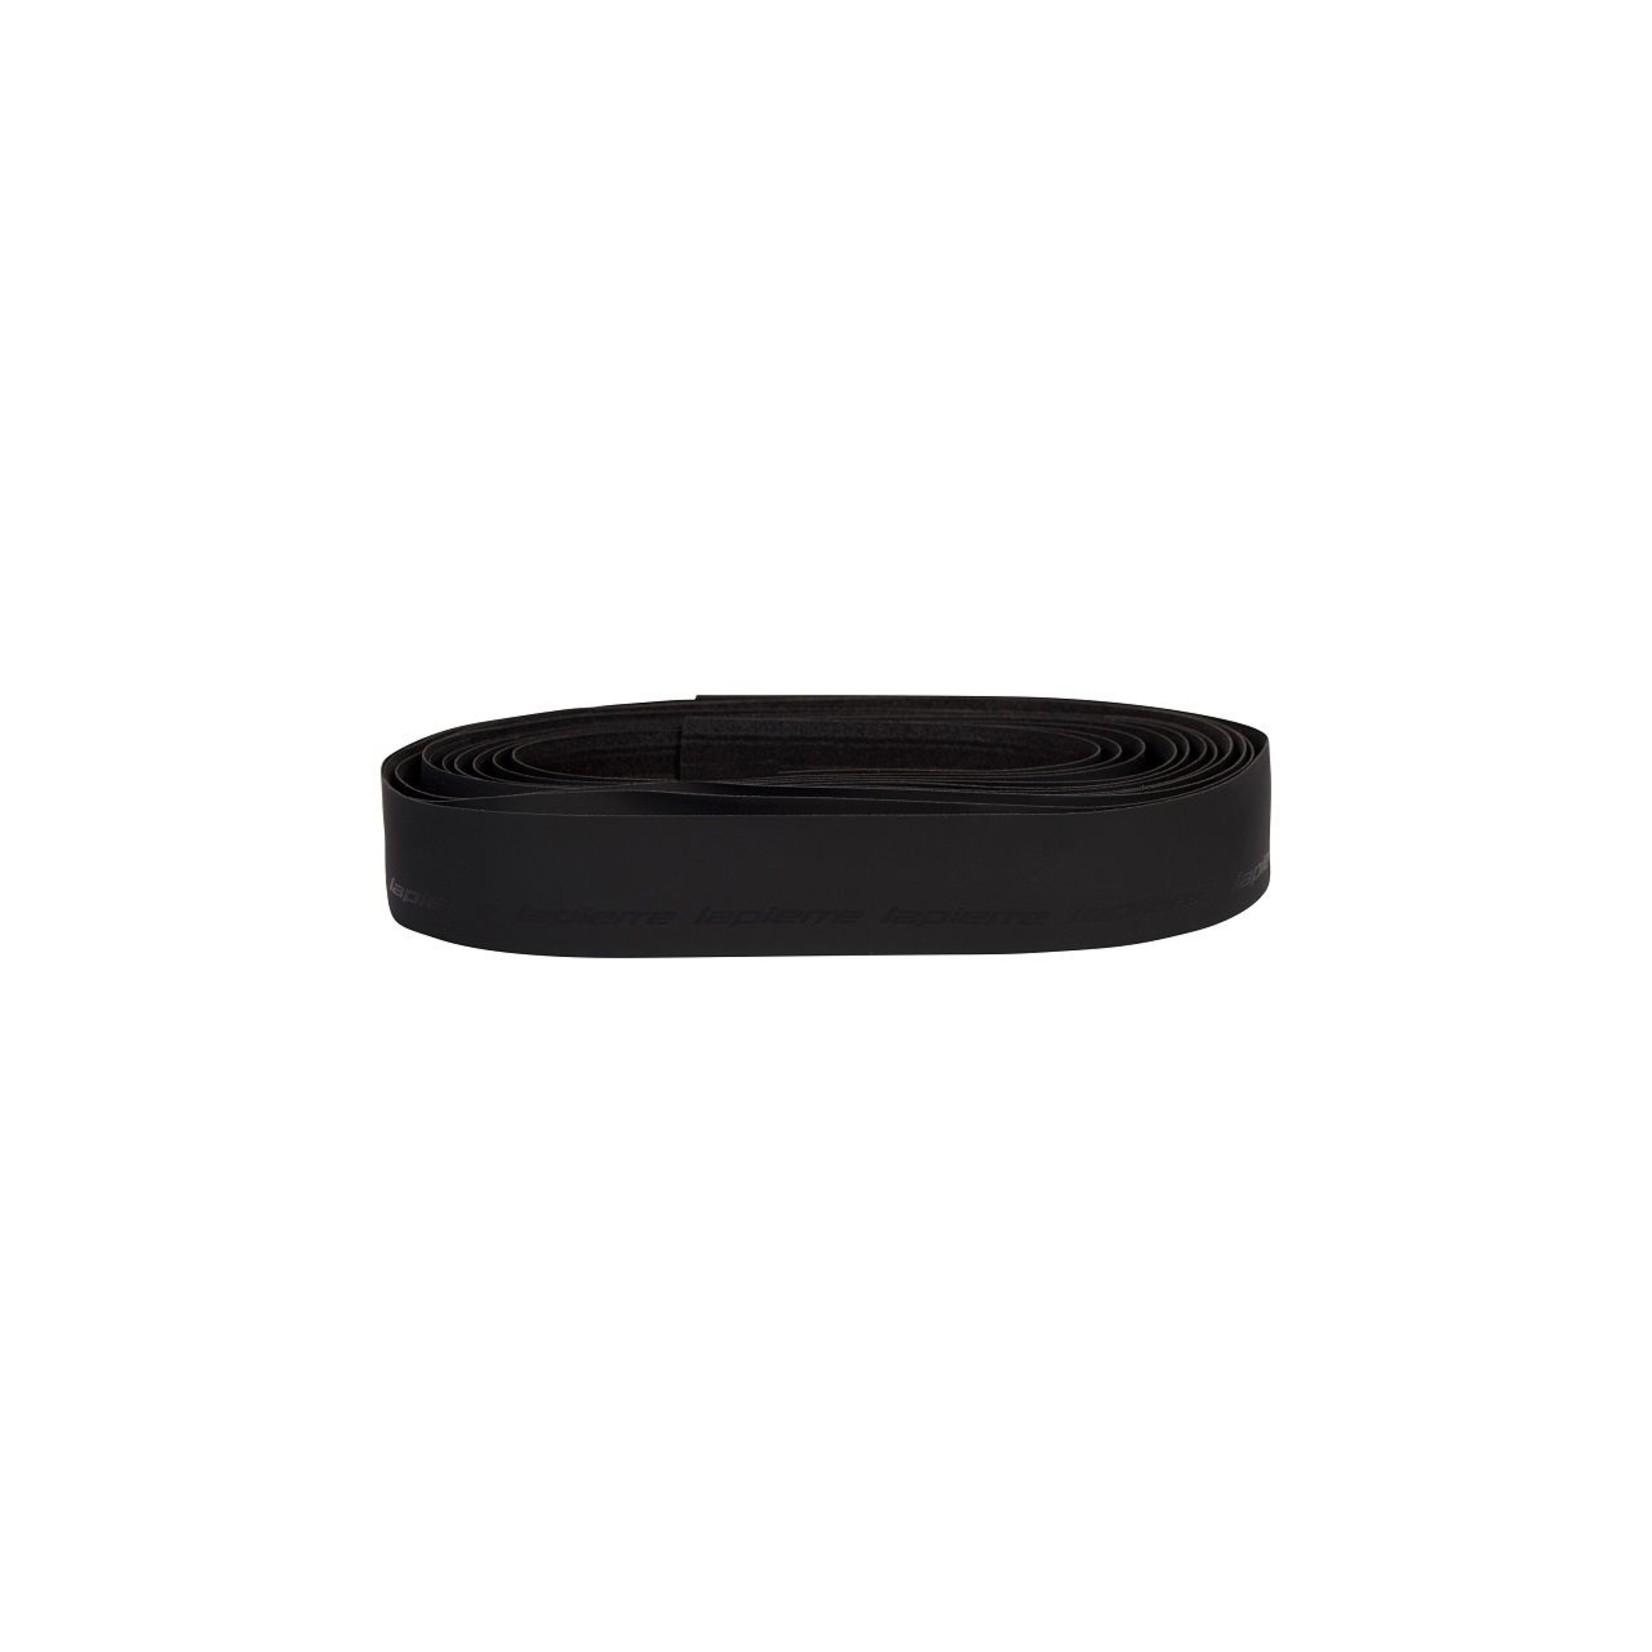 Lapierre Ruban De Cintre - Bar Tape Black